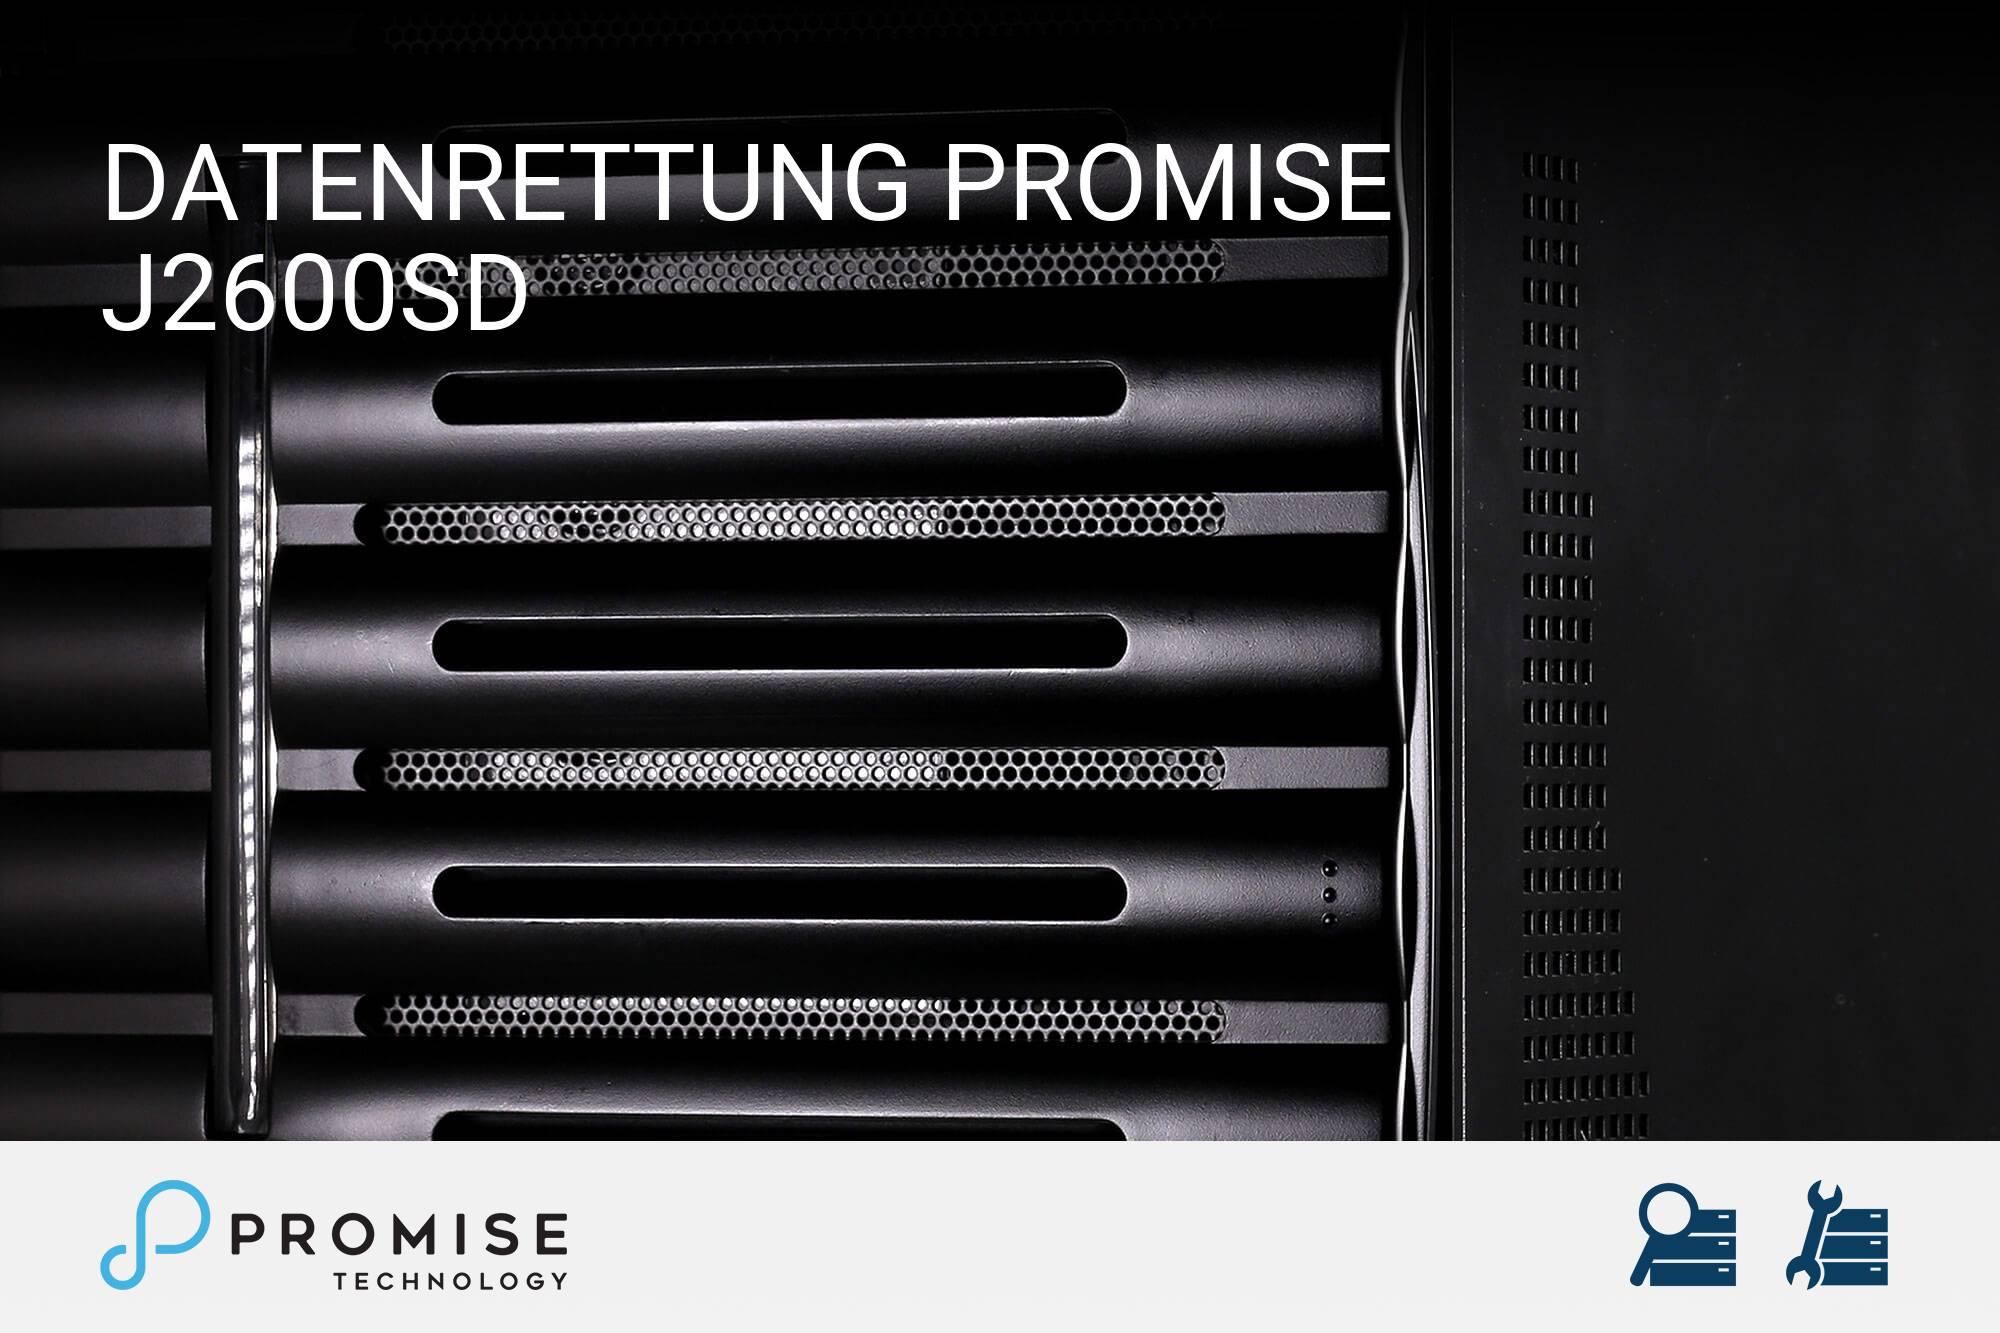 Promise J2600sD